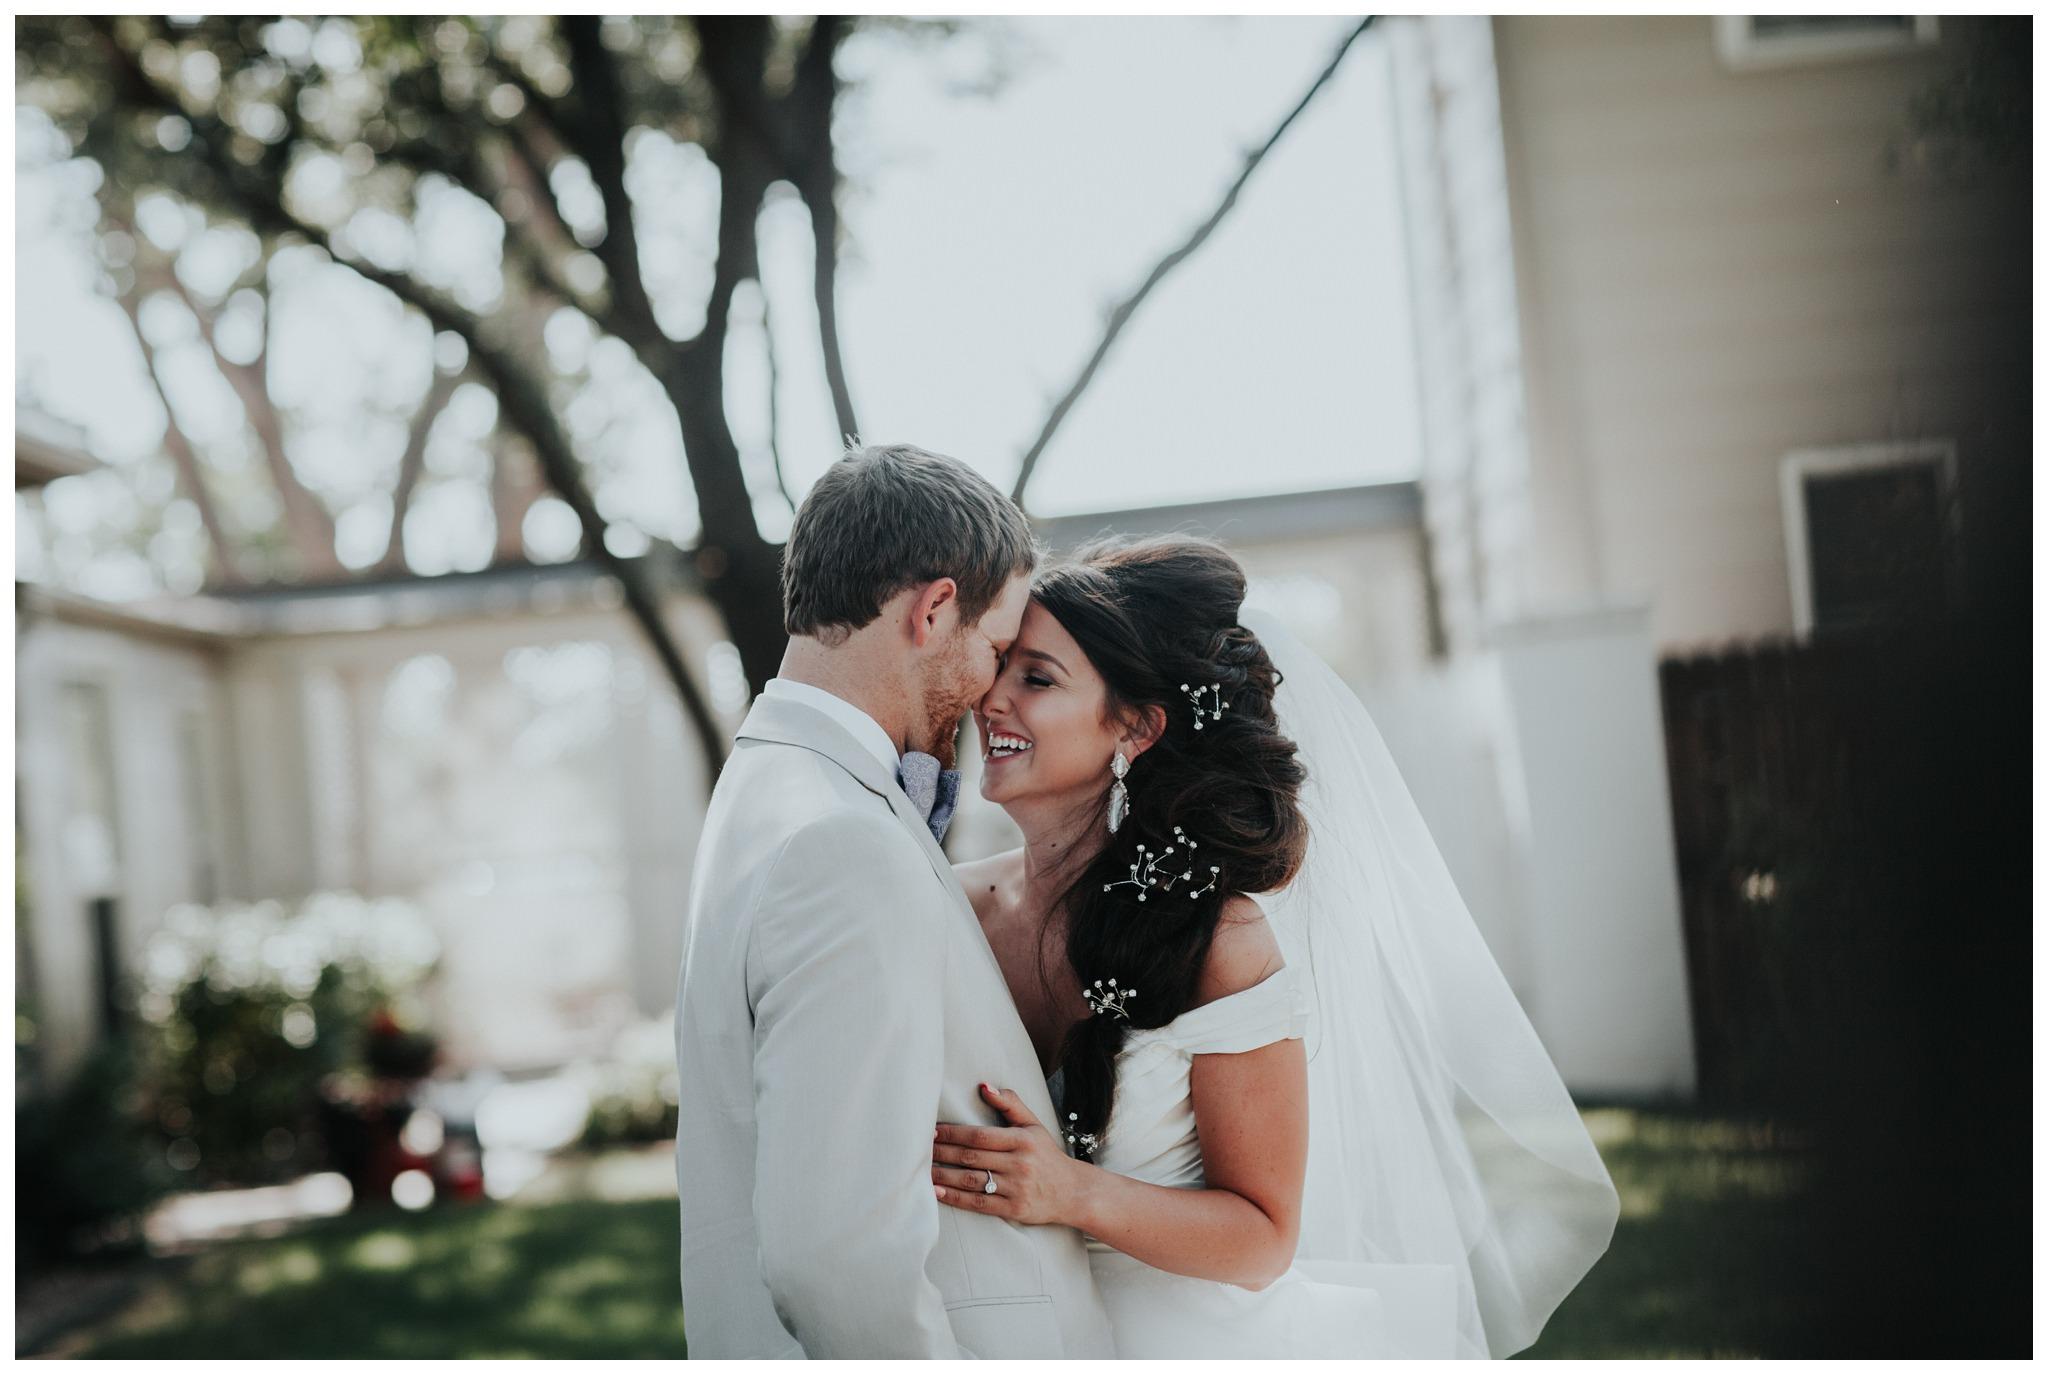 Whimsical Ranch West Texas Wedding - DIY Farm Wedding-2274.jpg